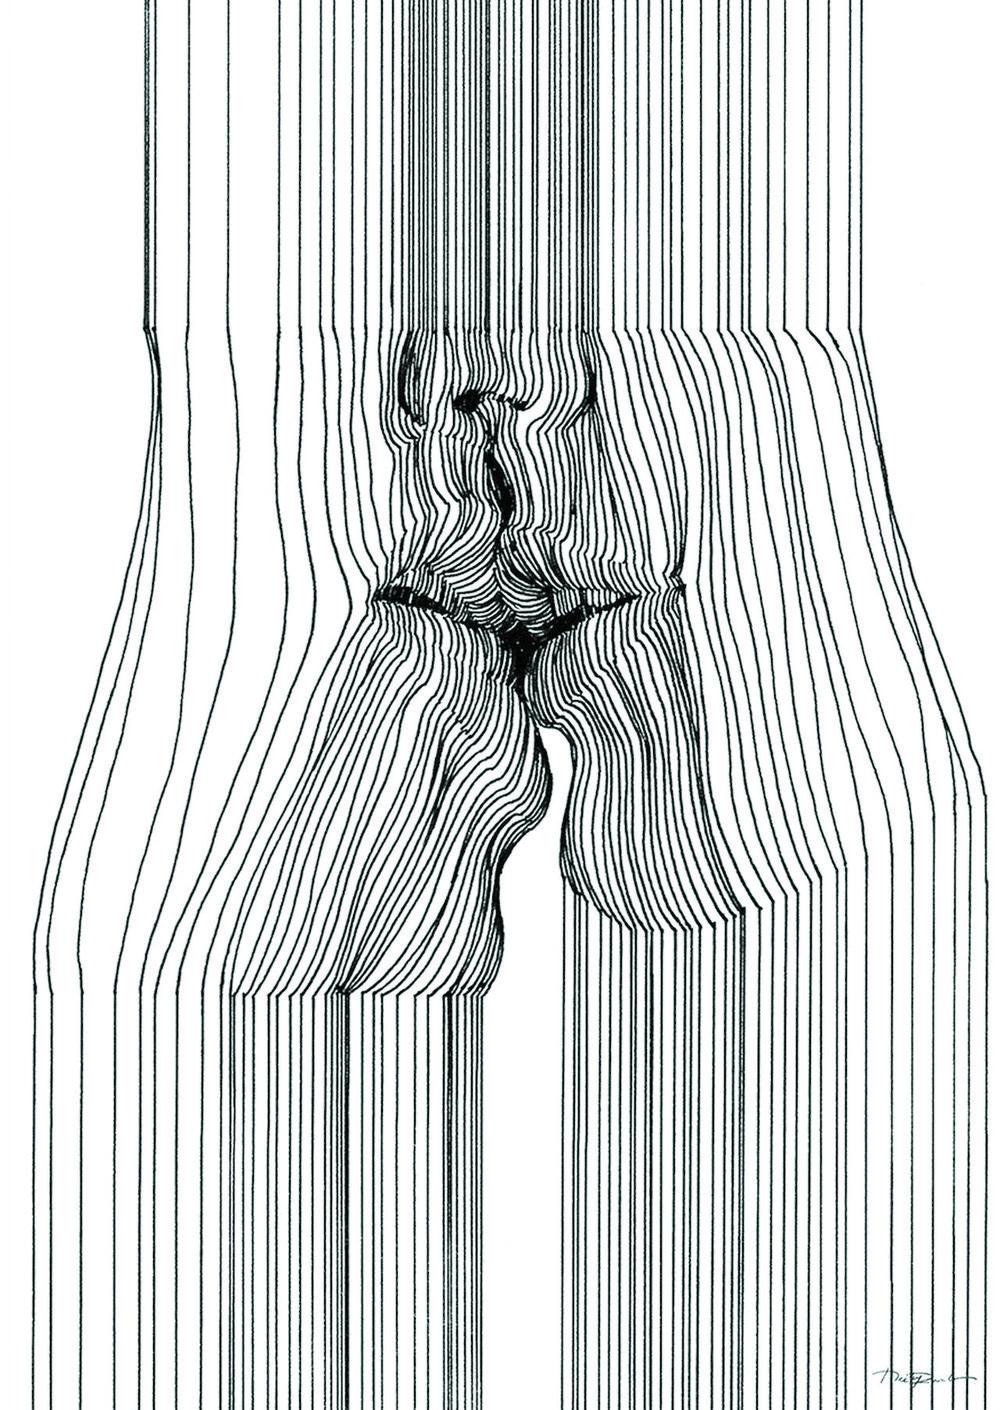 cr: Nester Formentera